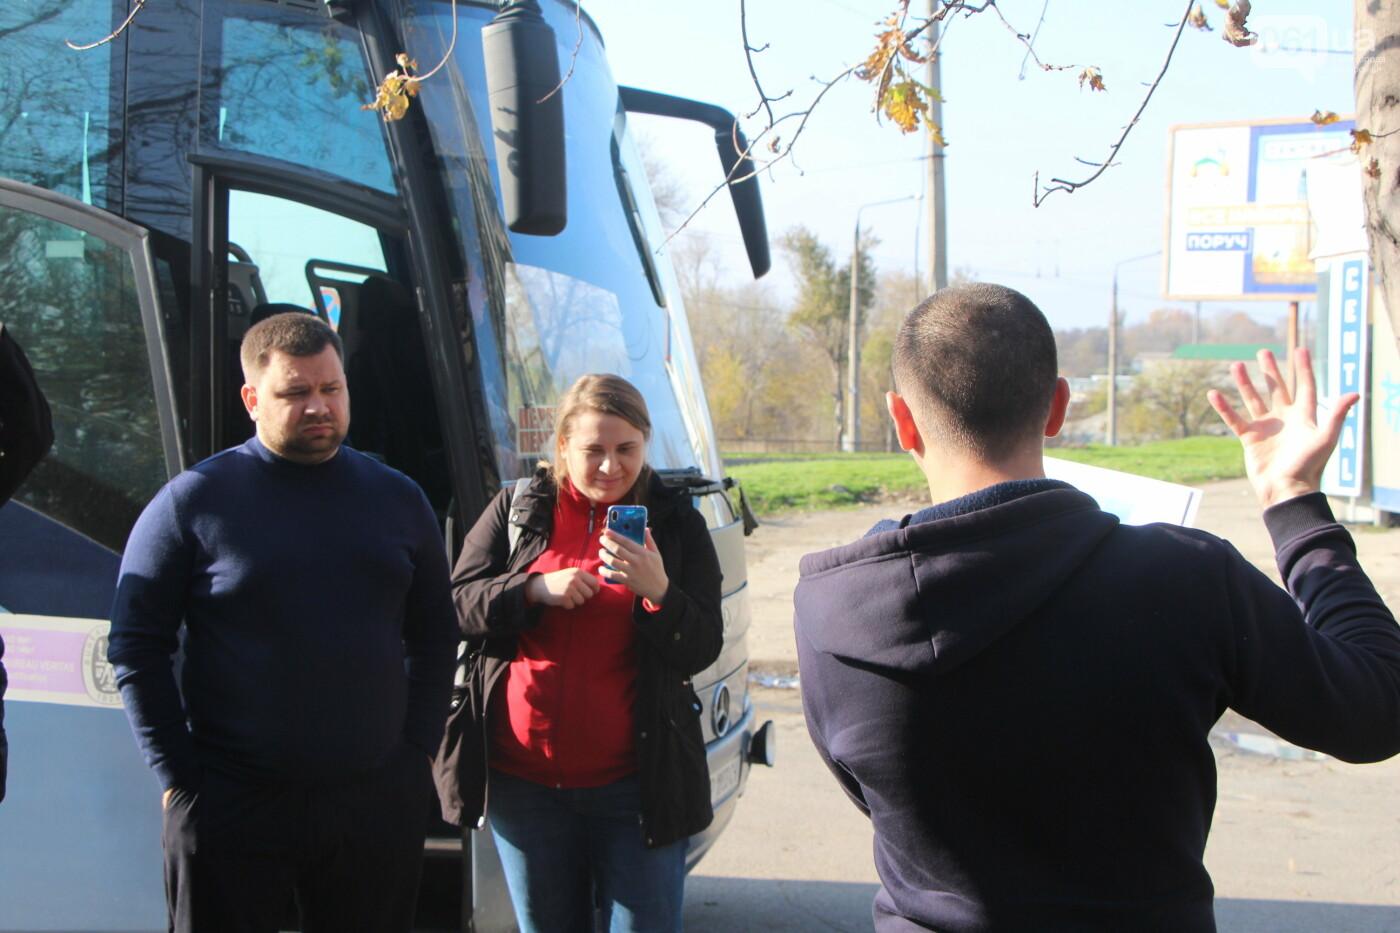 """""""Анисимов просто лох"""": на антикоррупционной экскурсии рассказали, кто приезжает в новый """"золотой офис"""", - ФОТОРЕПОРТАЖ, фото-3"""